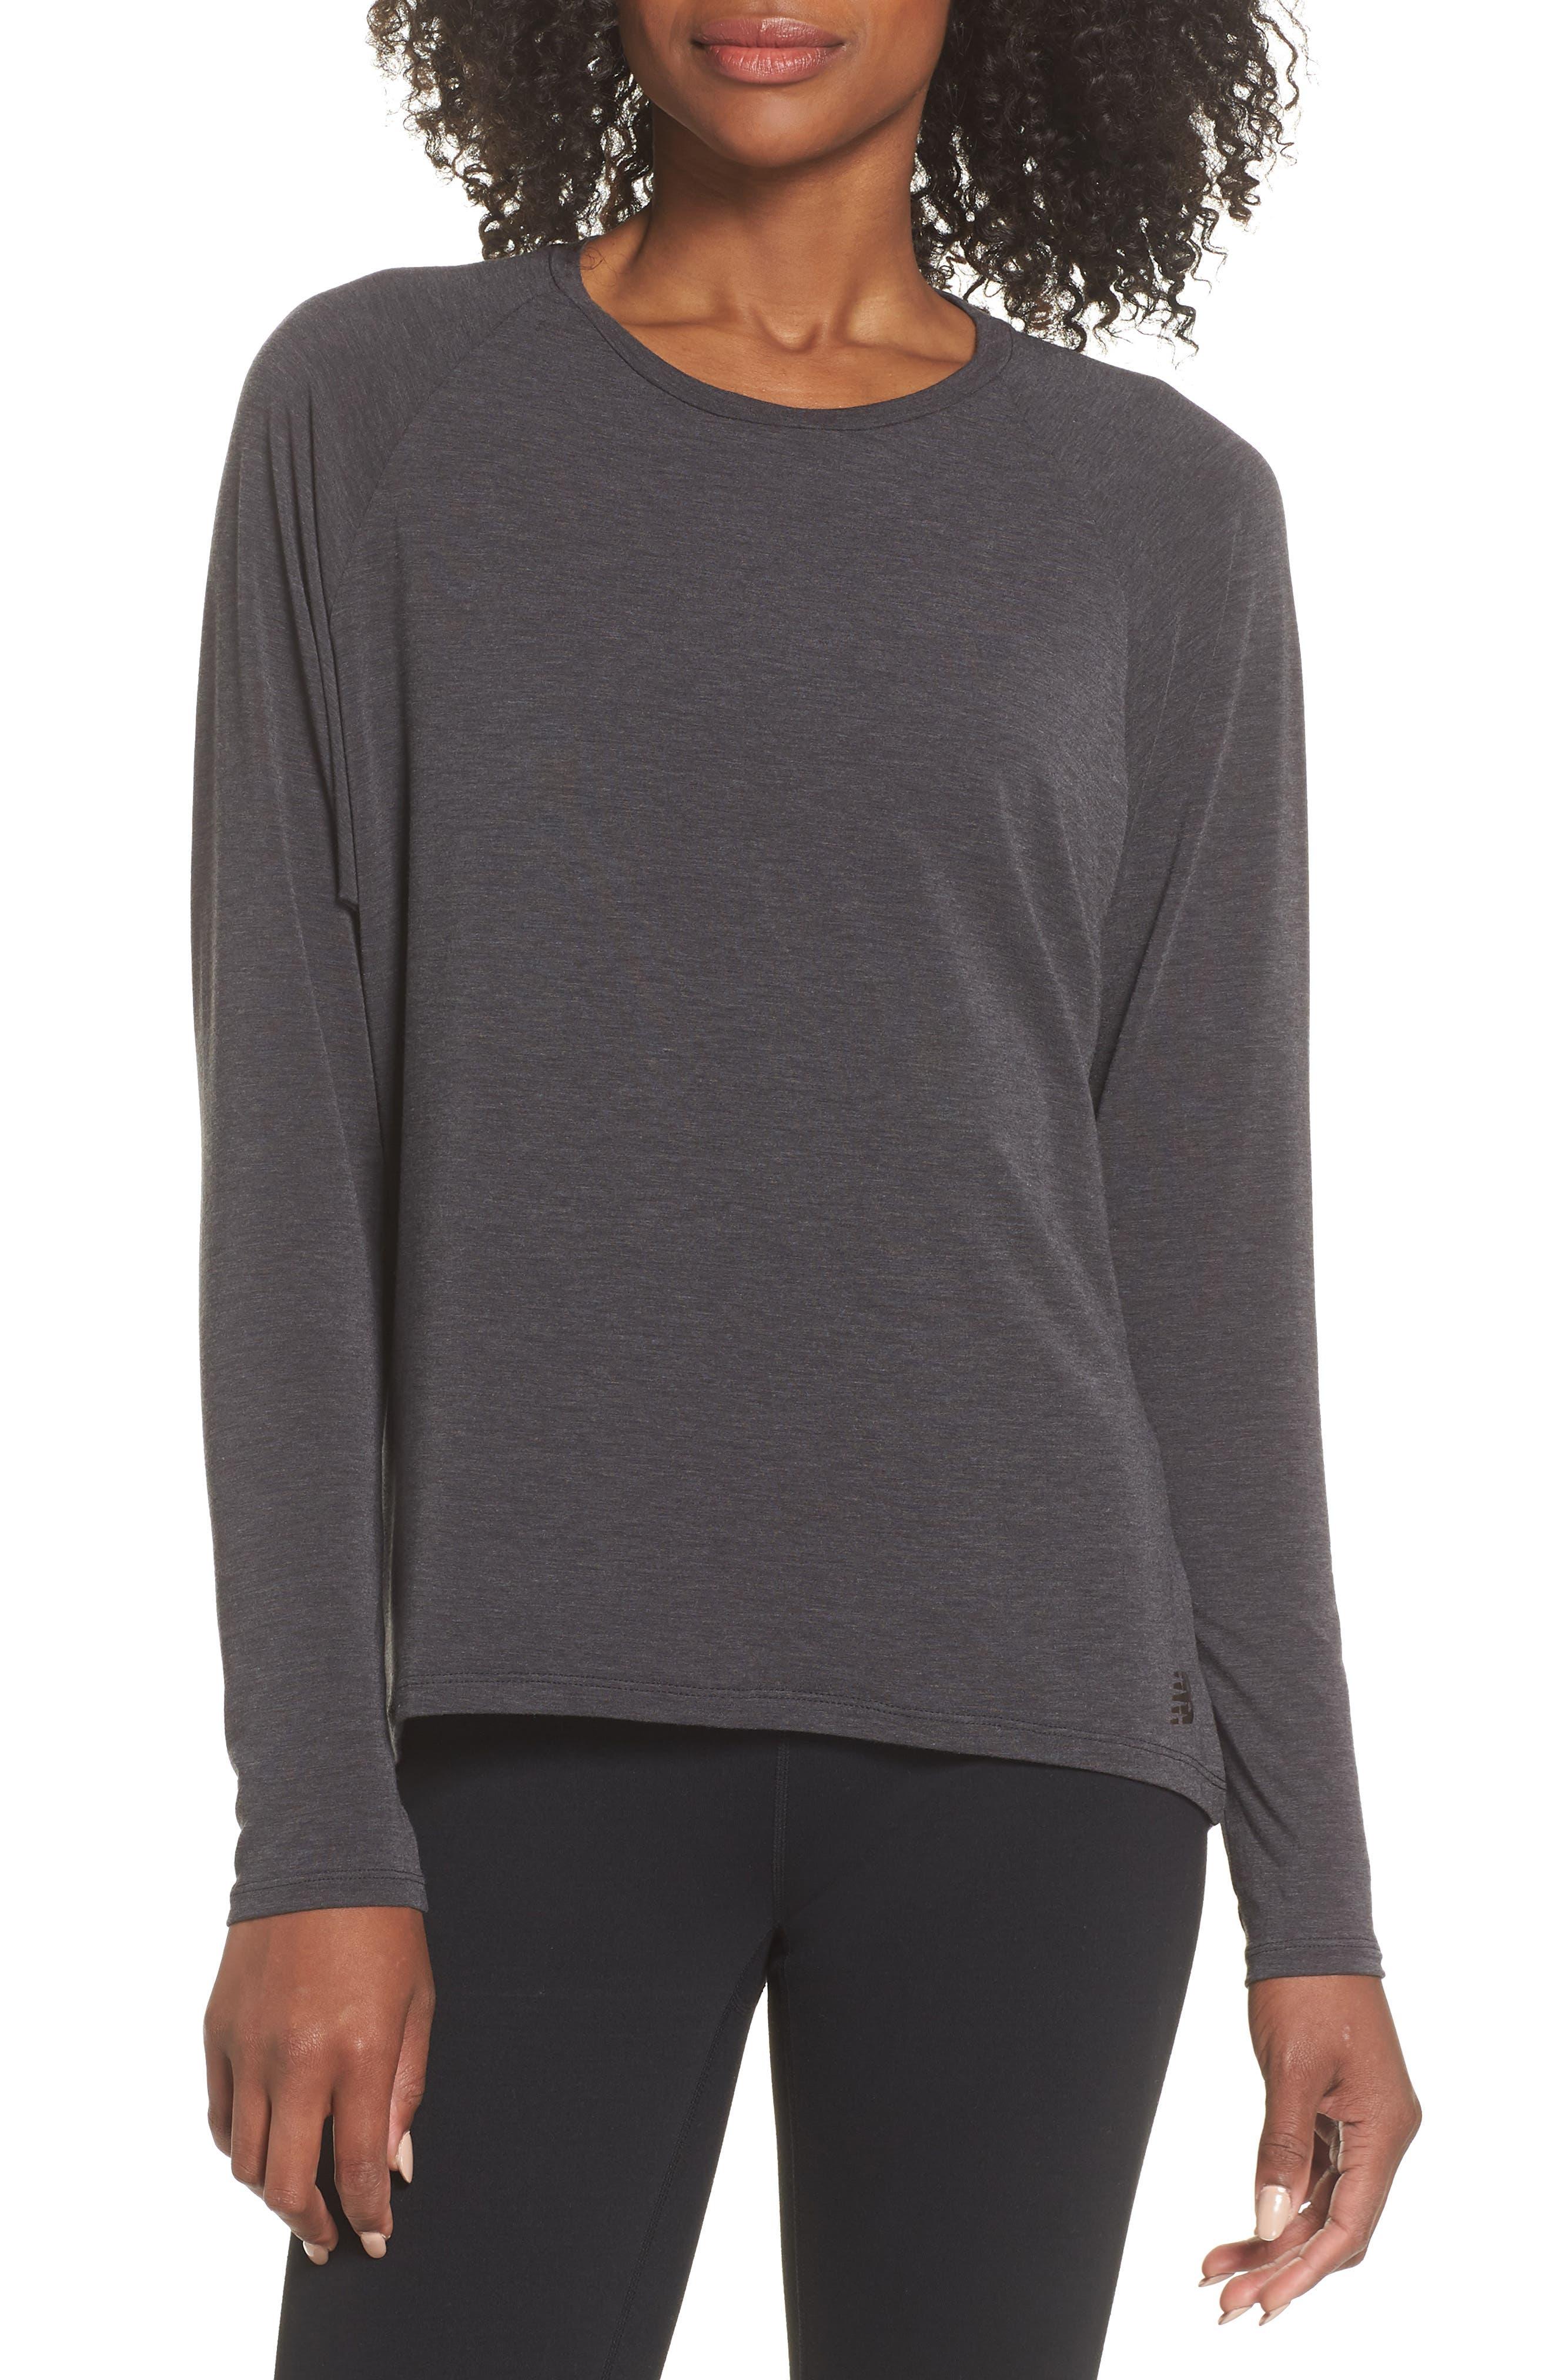 NEW BALANCE,                             Release Open Back Long Sleeve Sweatshirt,                             Main thumbnail 1, color,                             008